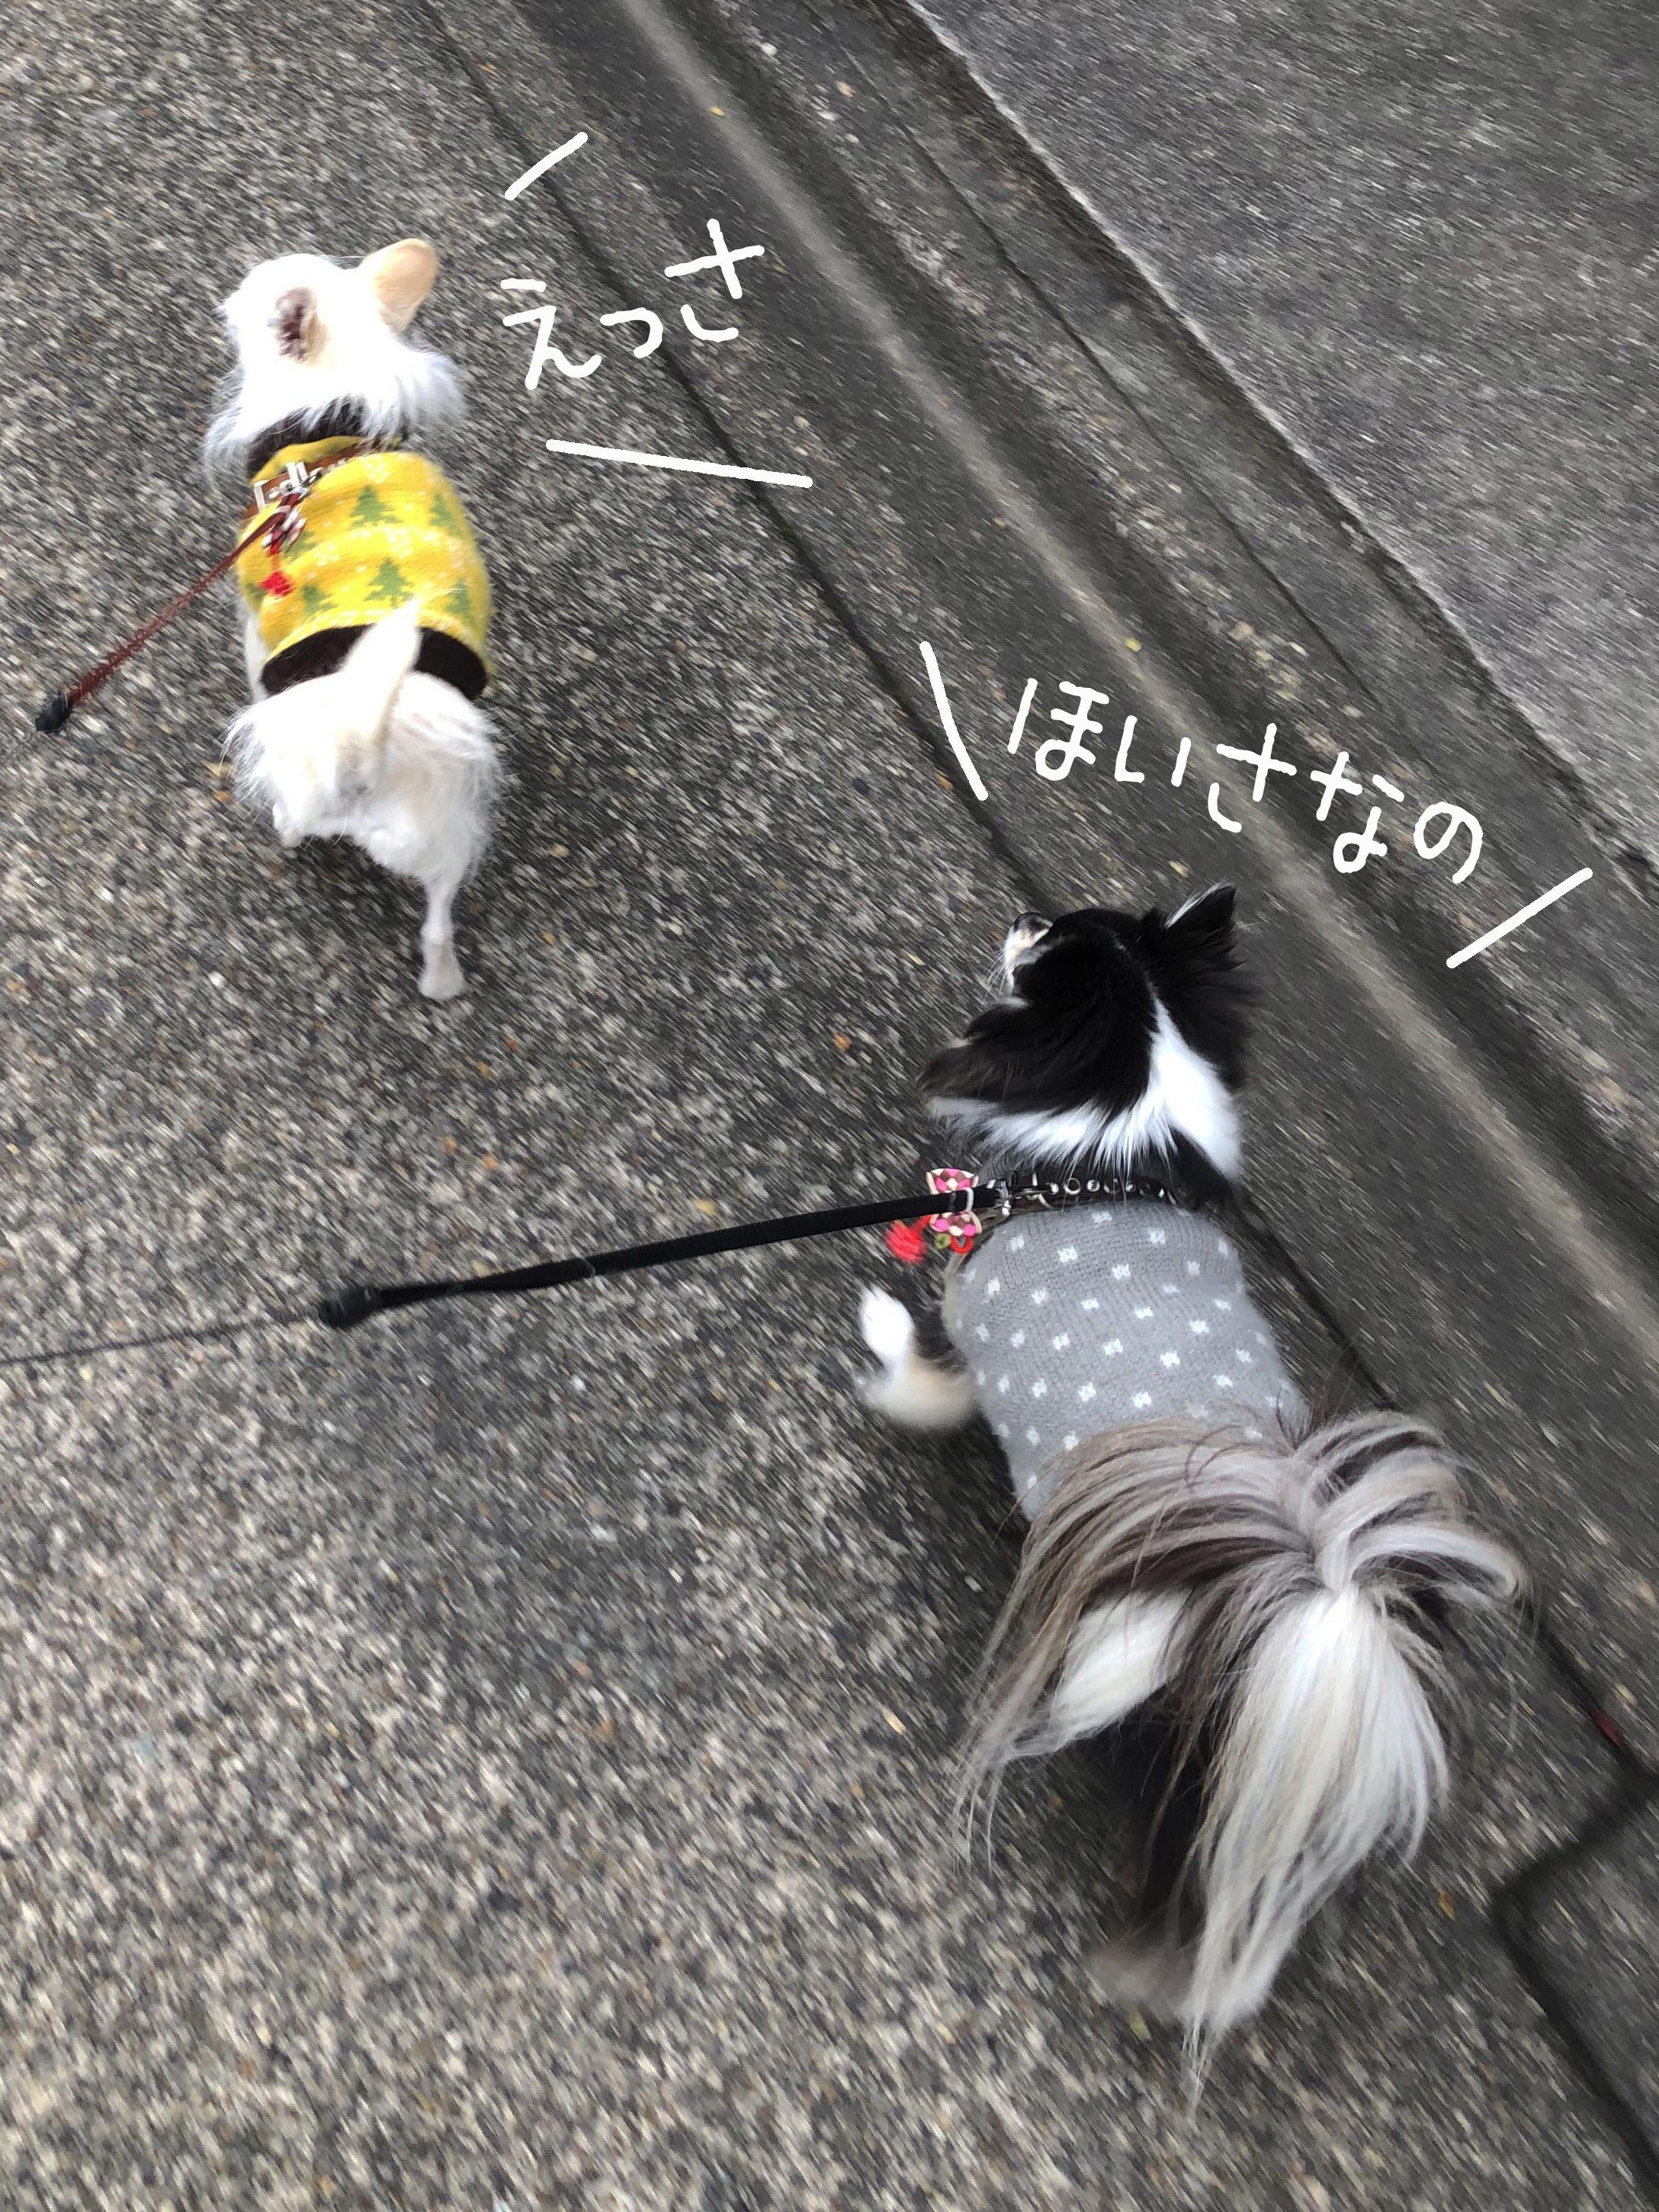 21_01散歩姉妹_01